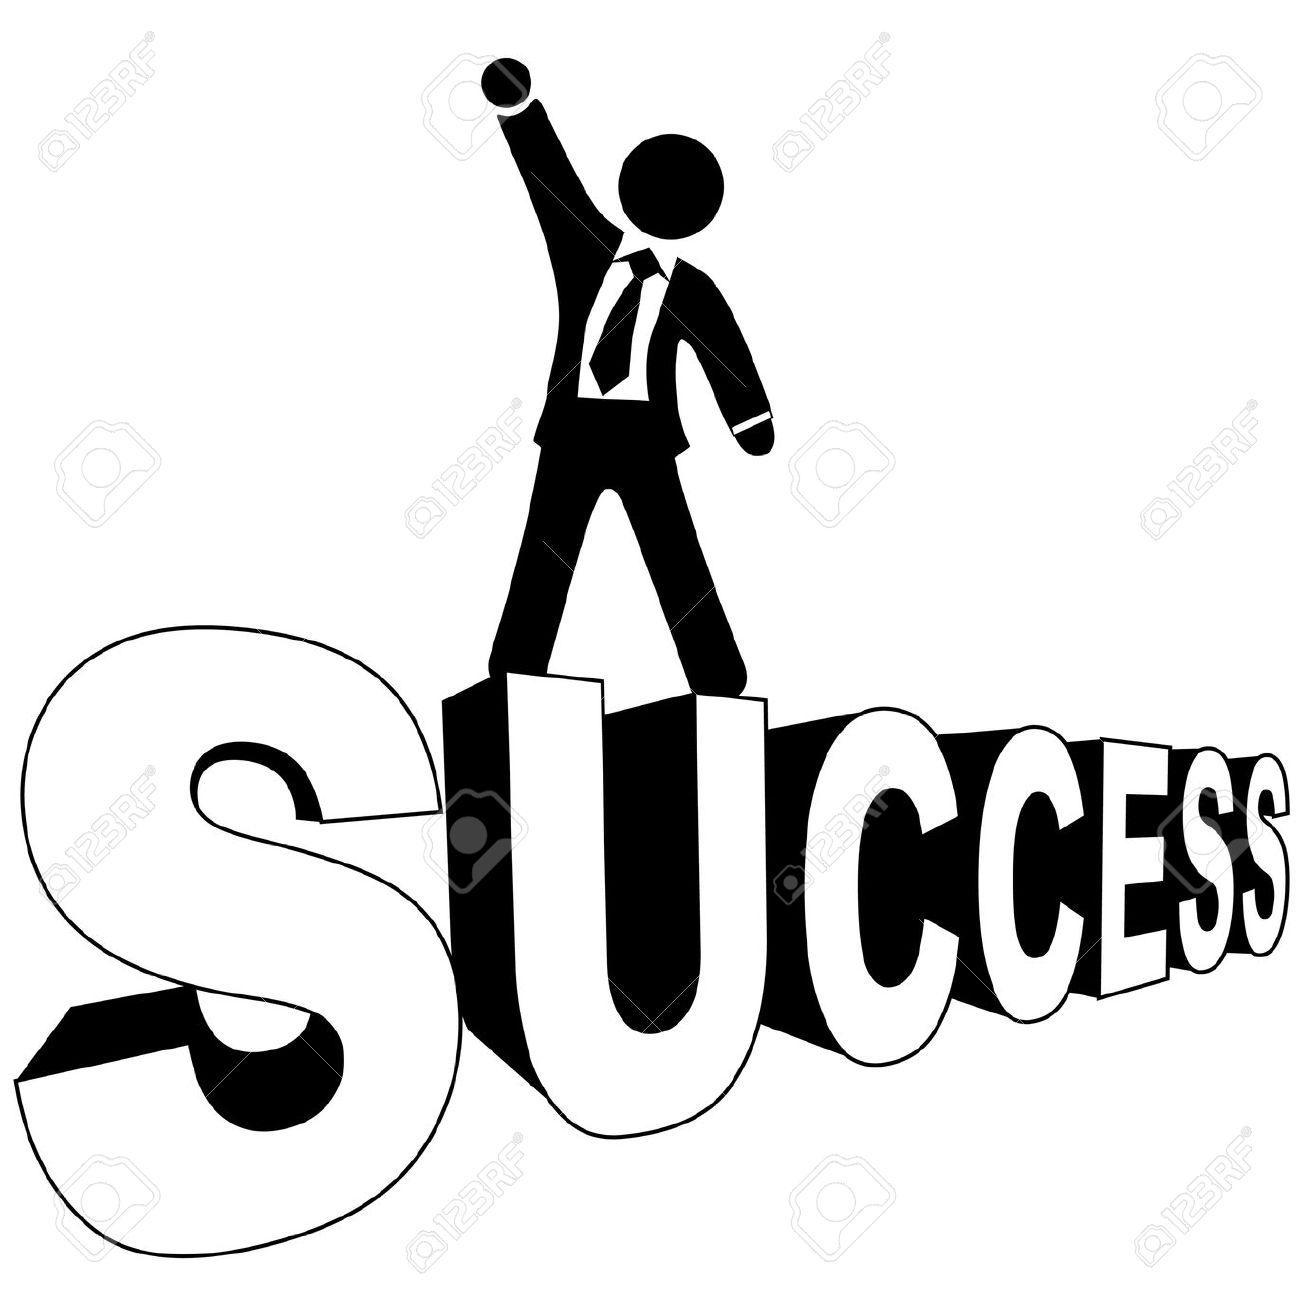 success clipart-success clipart-5